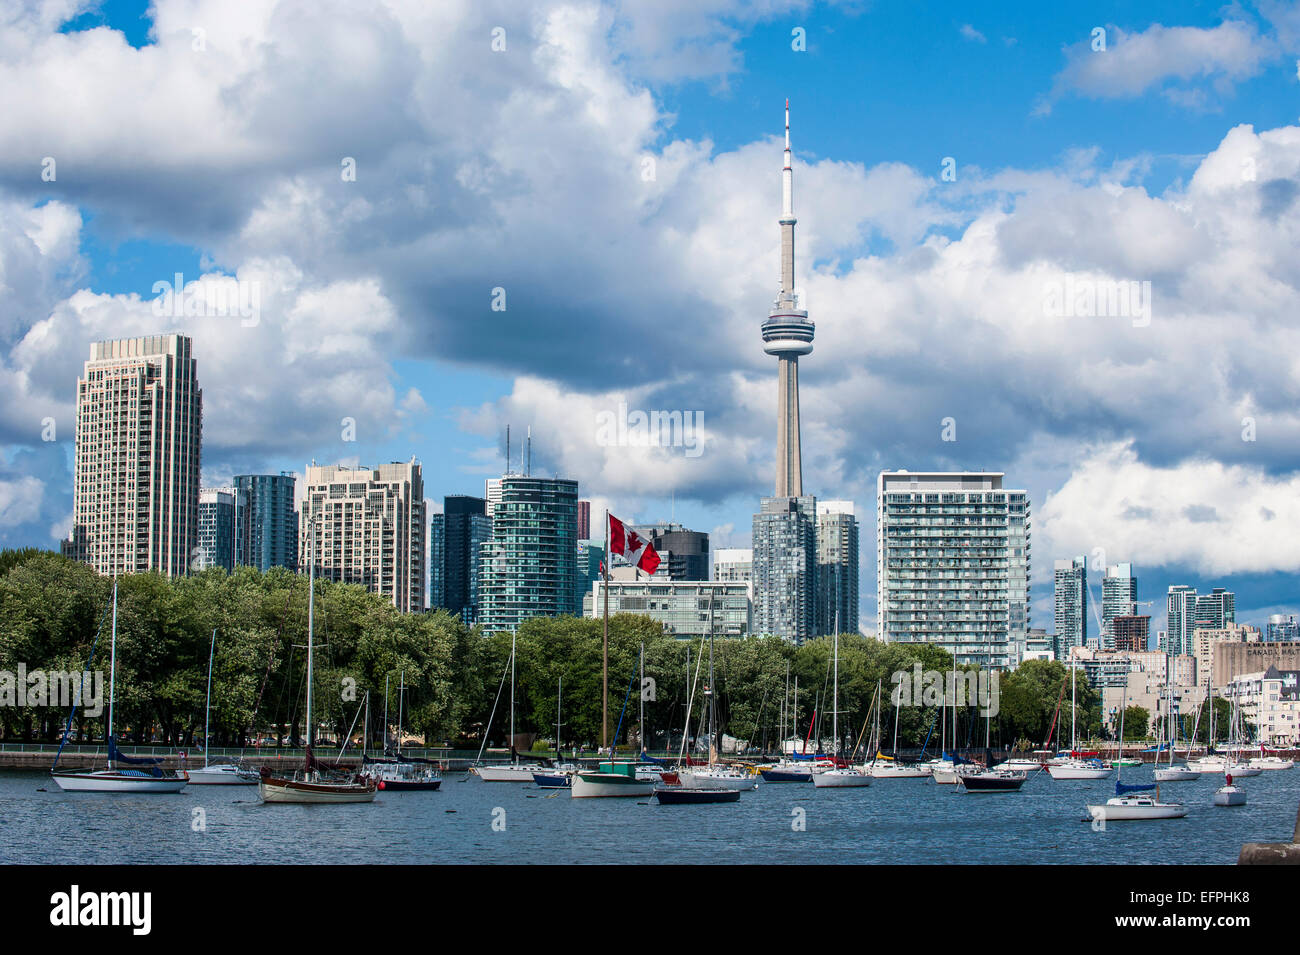 El horizonte de Toronto, Ontario, Canadá, América del Norte Imagen De Stock